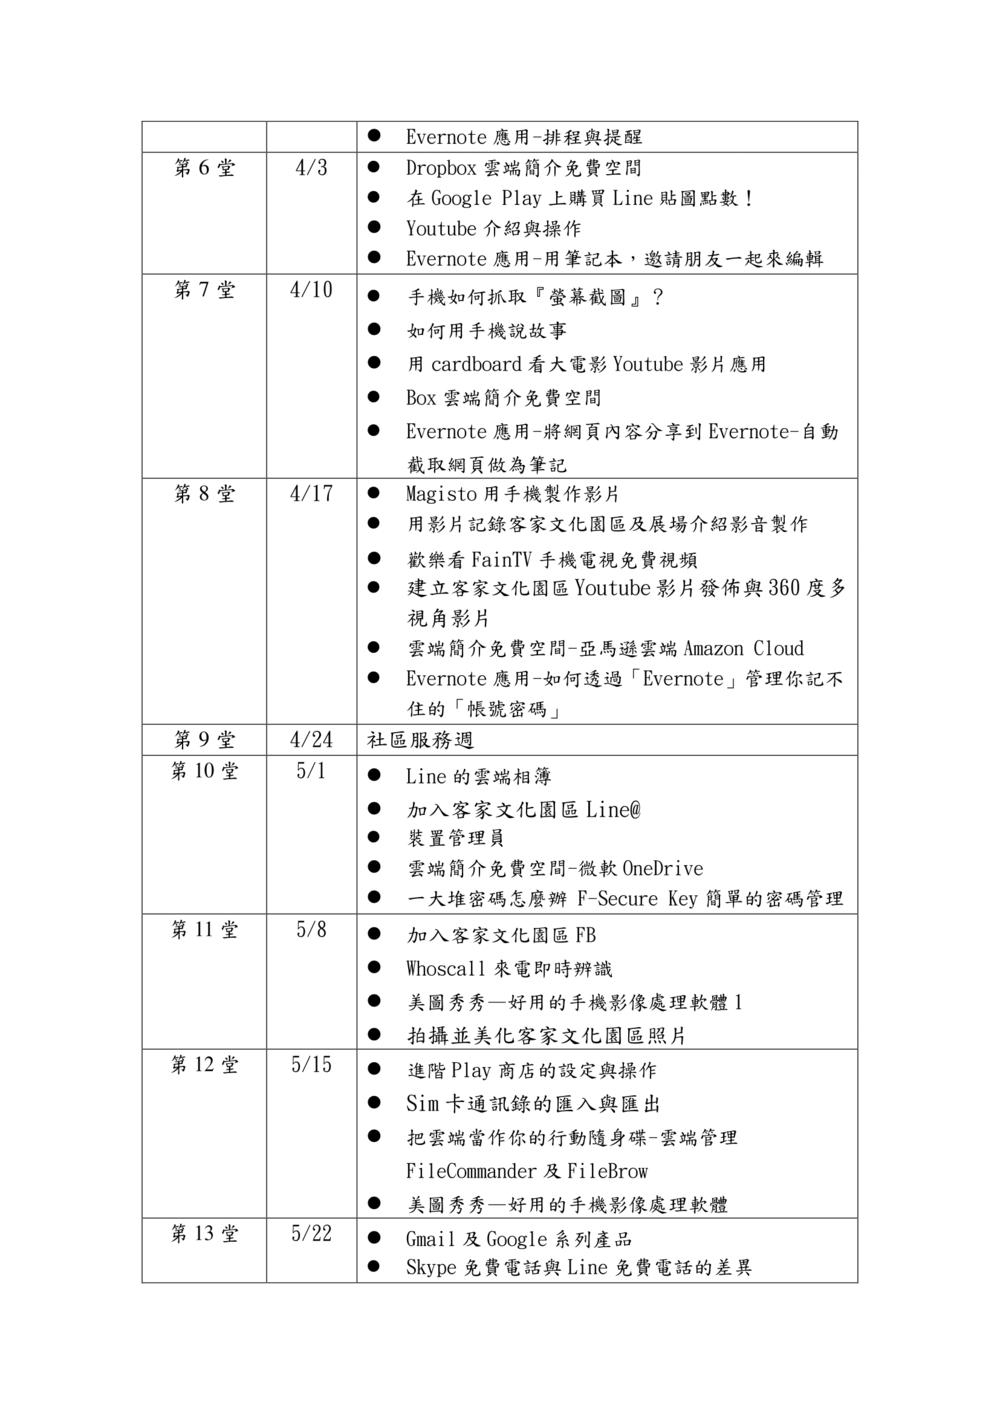 單堂課程表-14.png